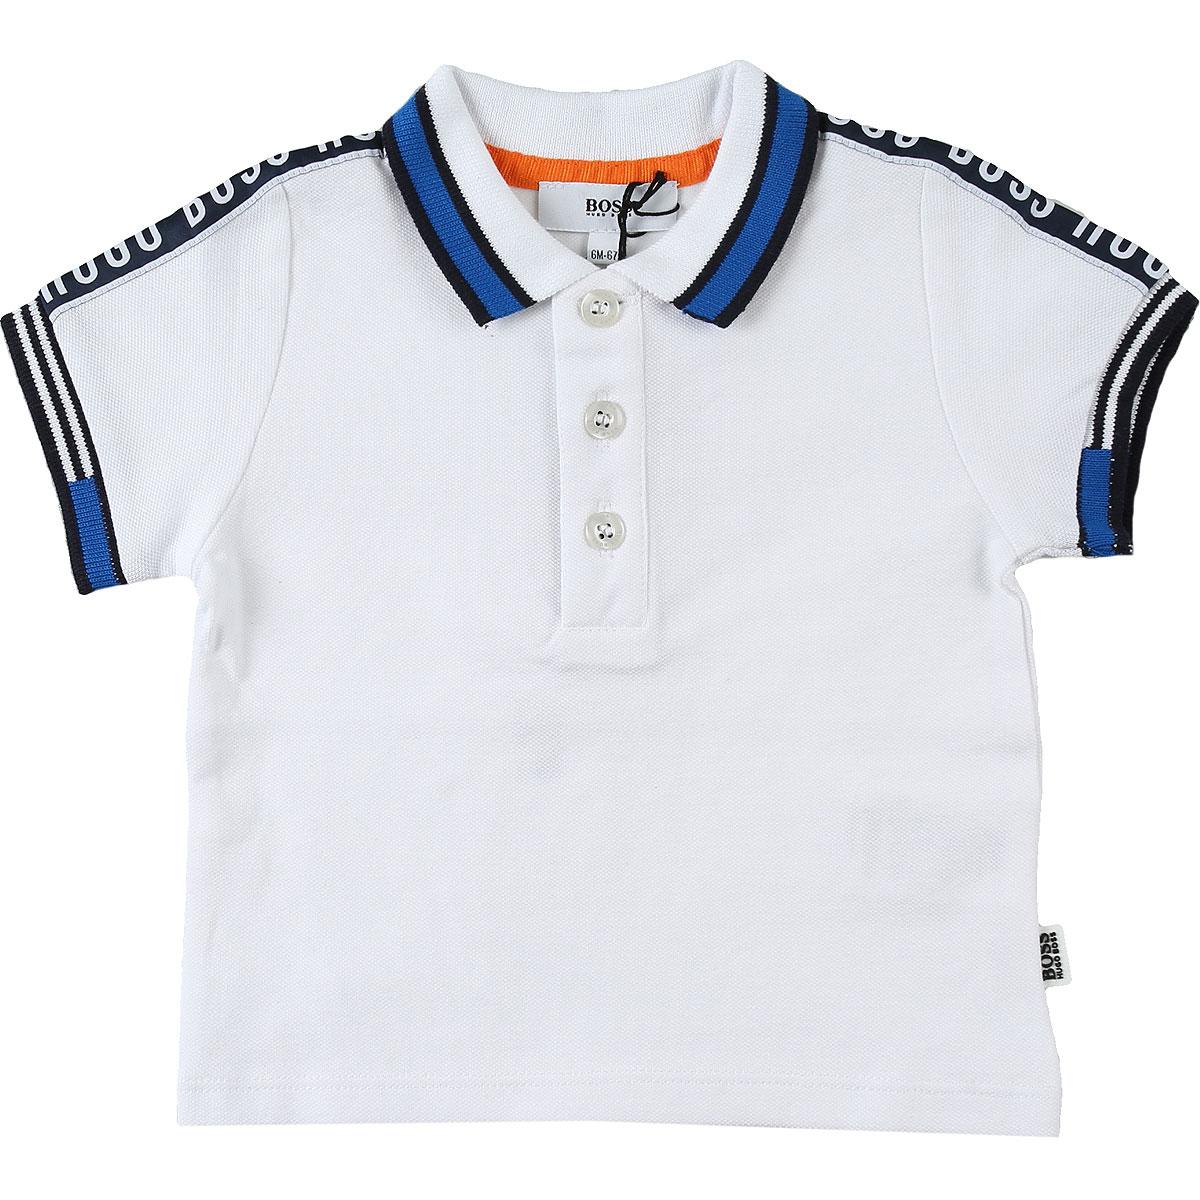 95238abe7 Baby Boy Clothing Hugo Boss, Style code: j05693-10b-